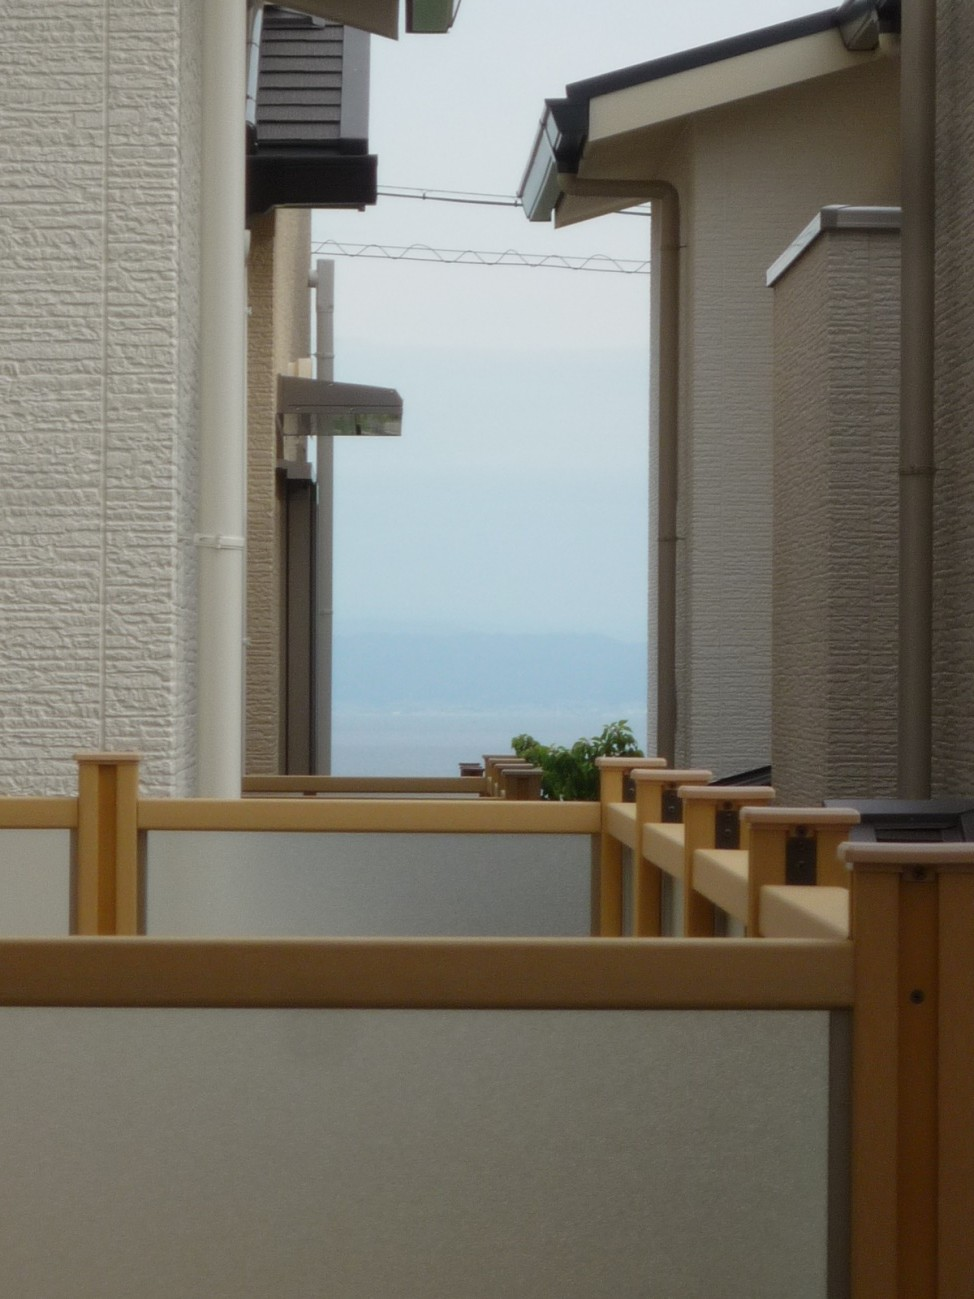 オーシャンヒル9バルコニーからの眺め2